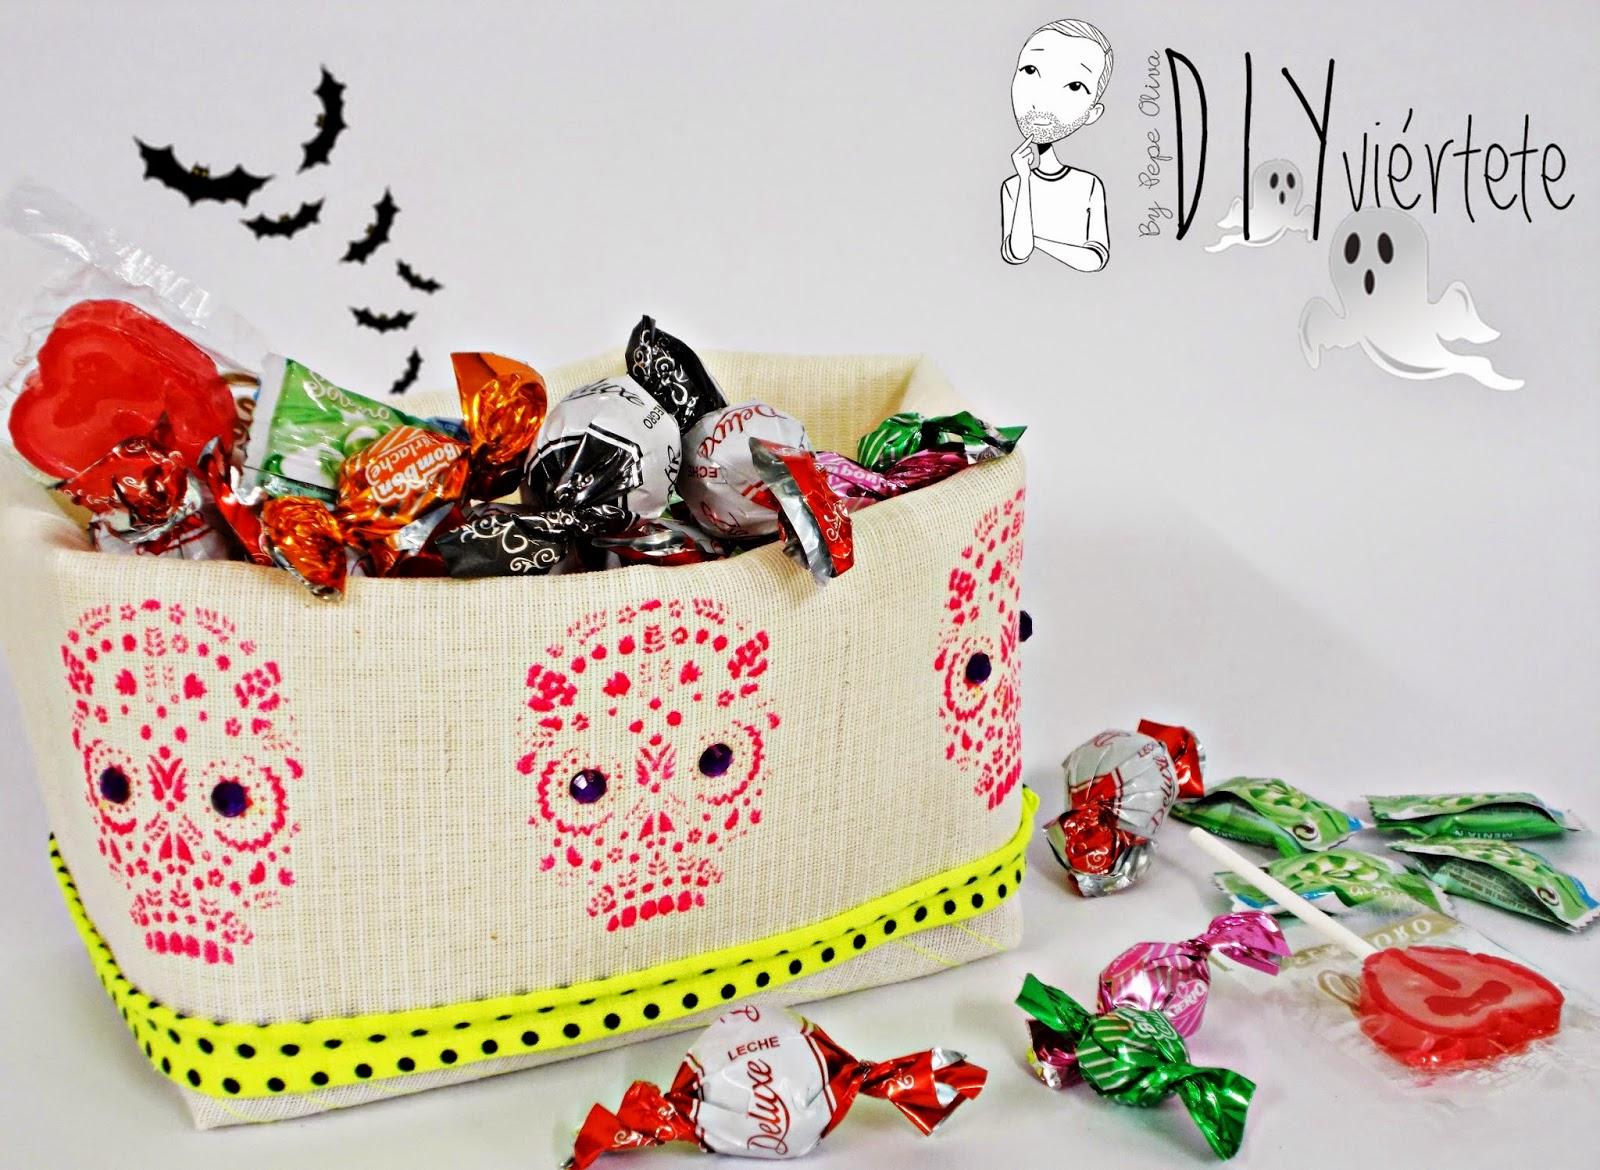 DIY-cesto-costura-tela-calavera-día de muertos-México-flúor-trapillo-halloween-caramelos-1